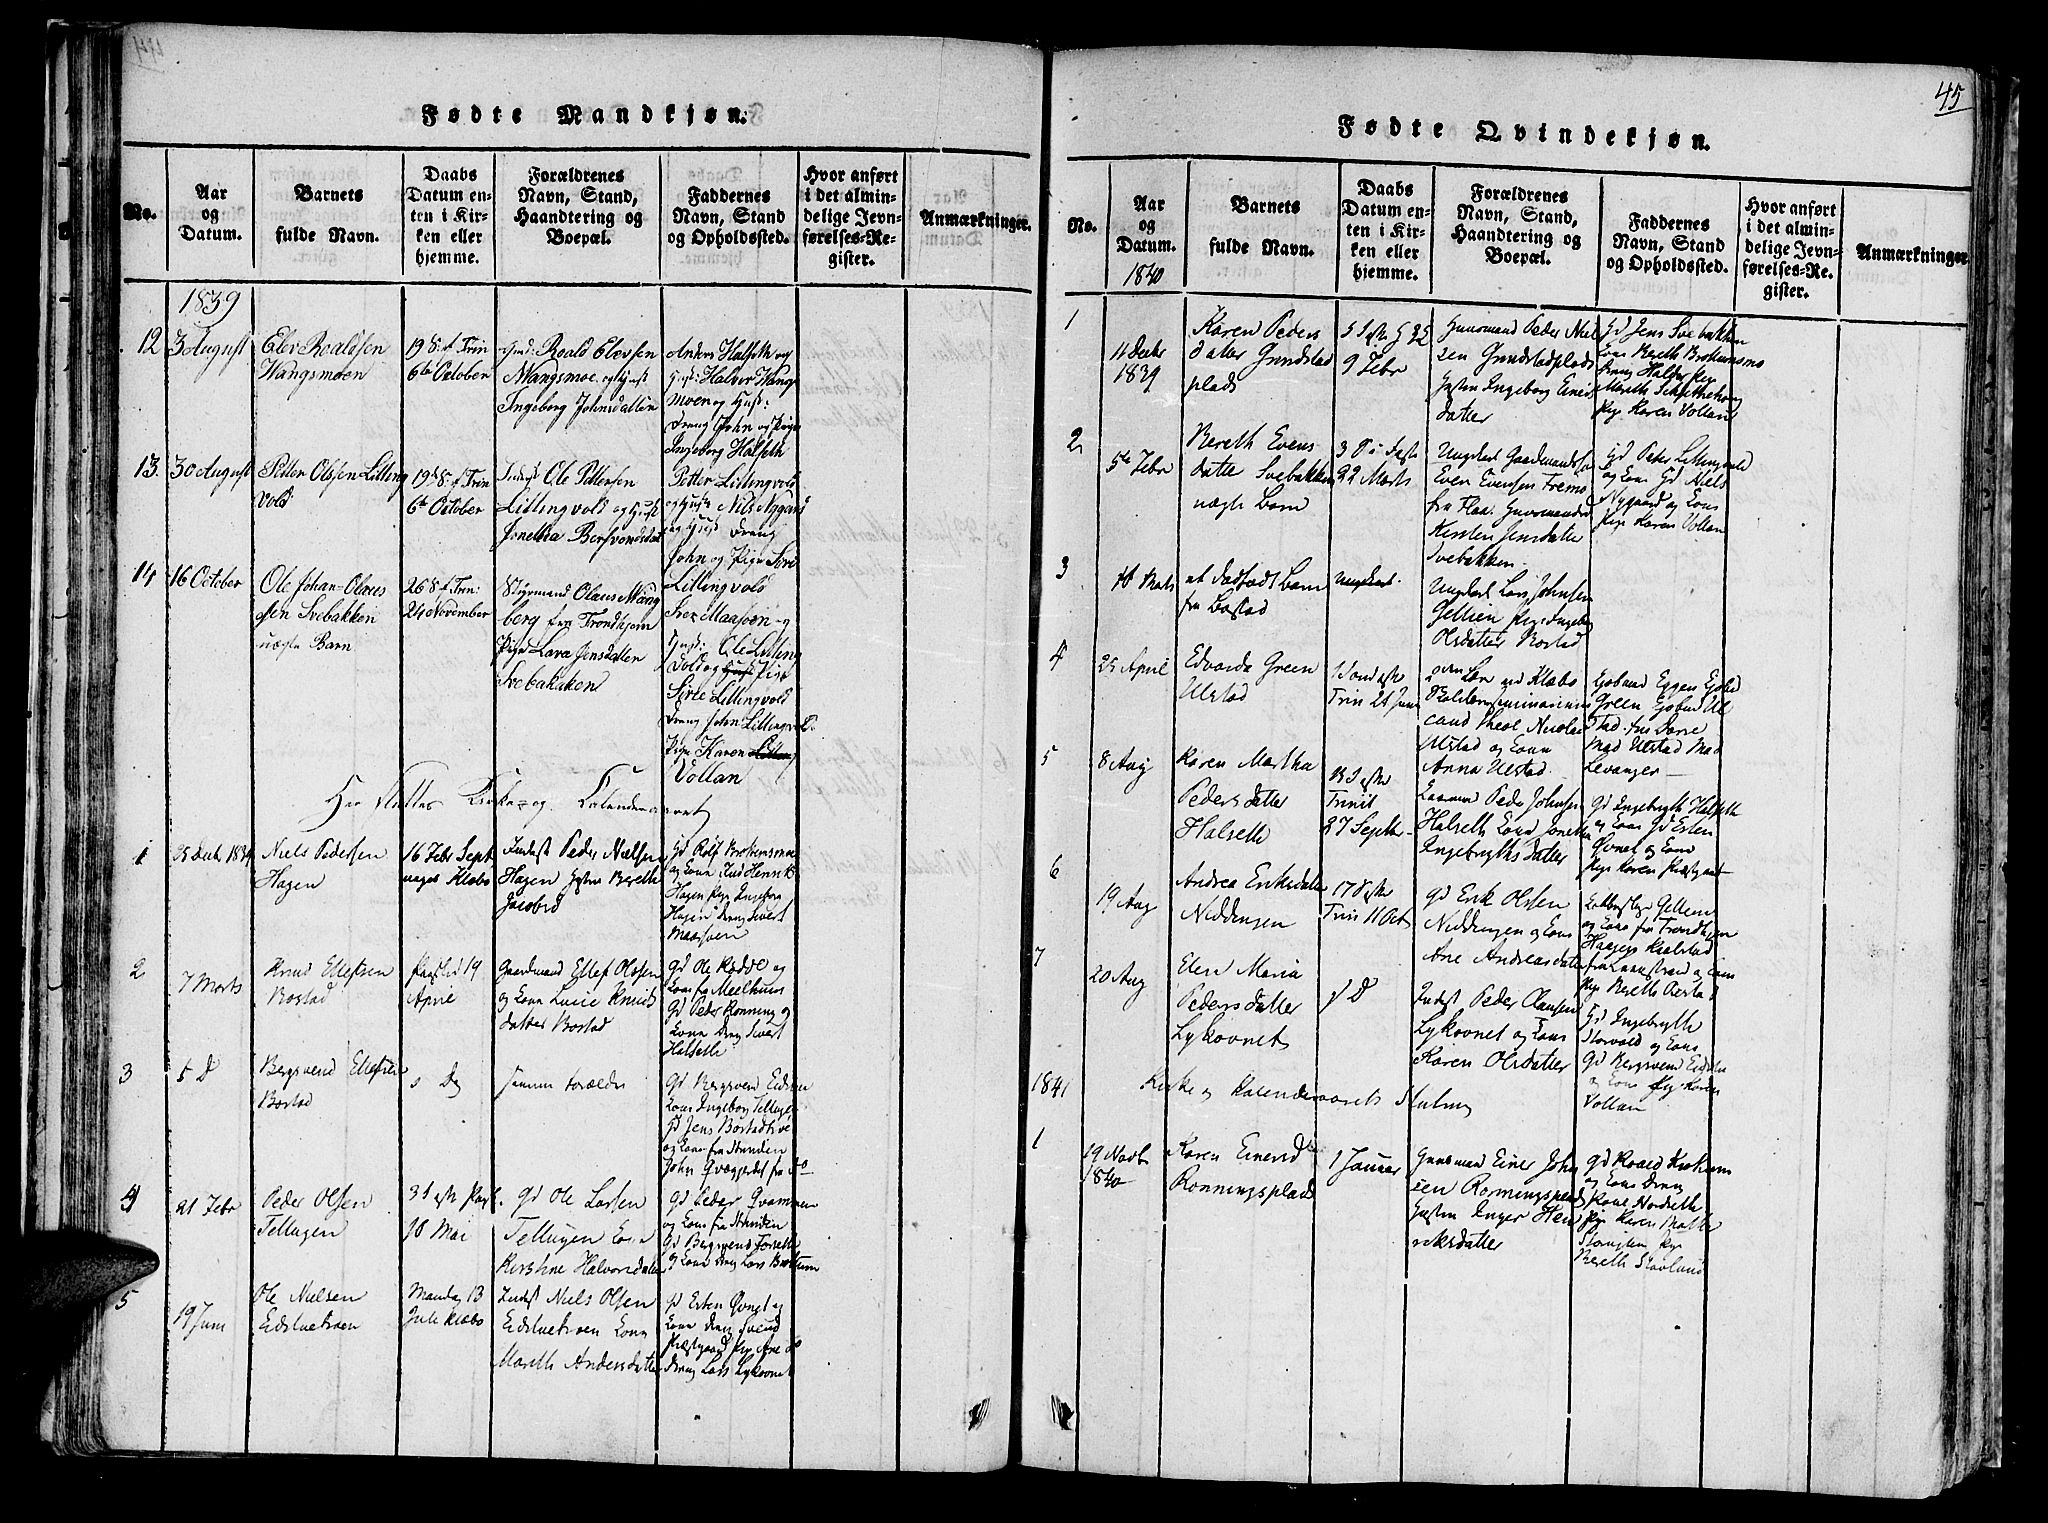 SAT, Ministerialprotokoller, klokkerbøker og fødselsregistre - Sør-Trøndelag, 618/L0439: Ministerialbok nr. 618A04 /1, 1816-1843, s. 45